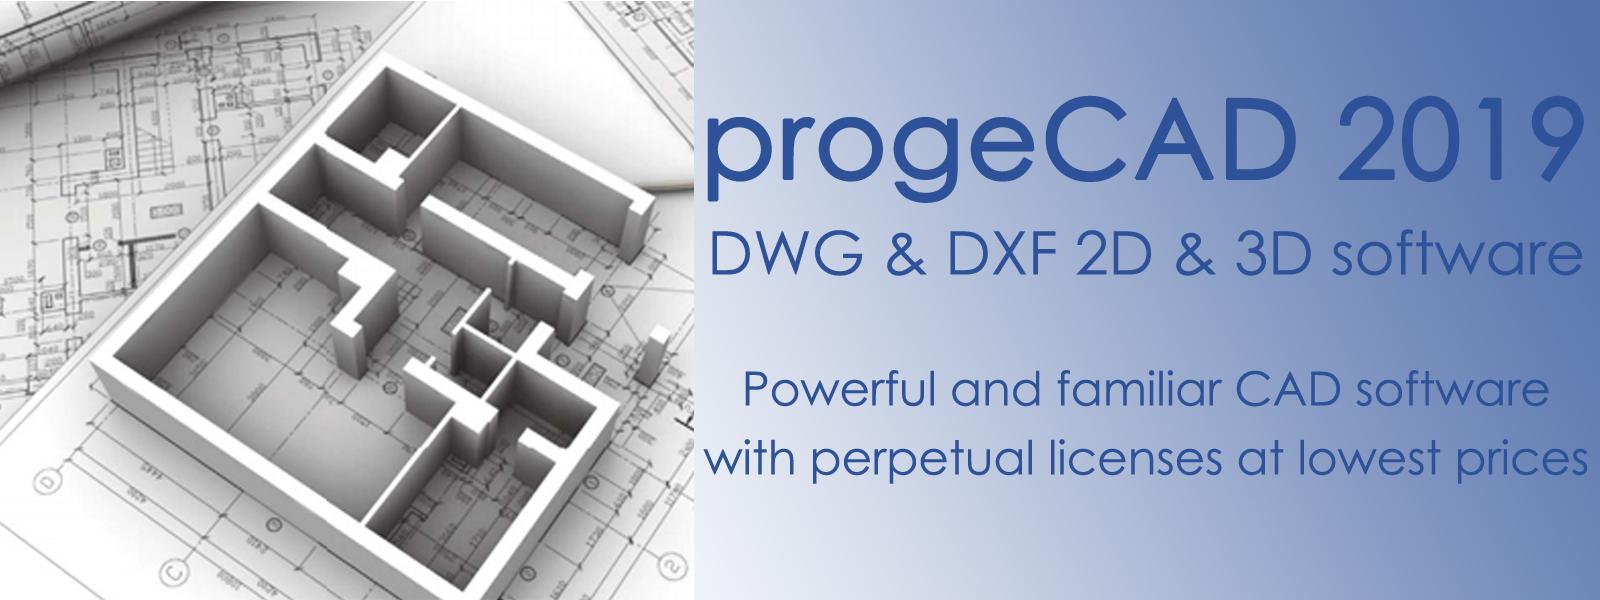 progeCAD 2D/3D Professional